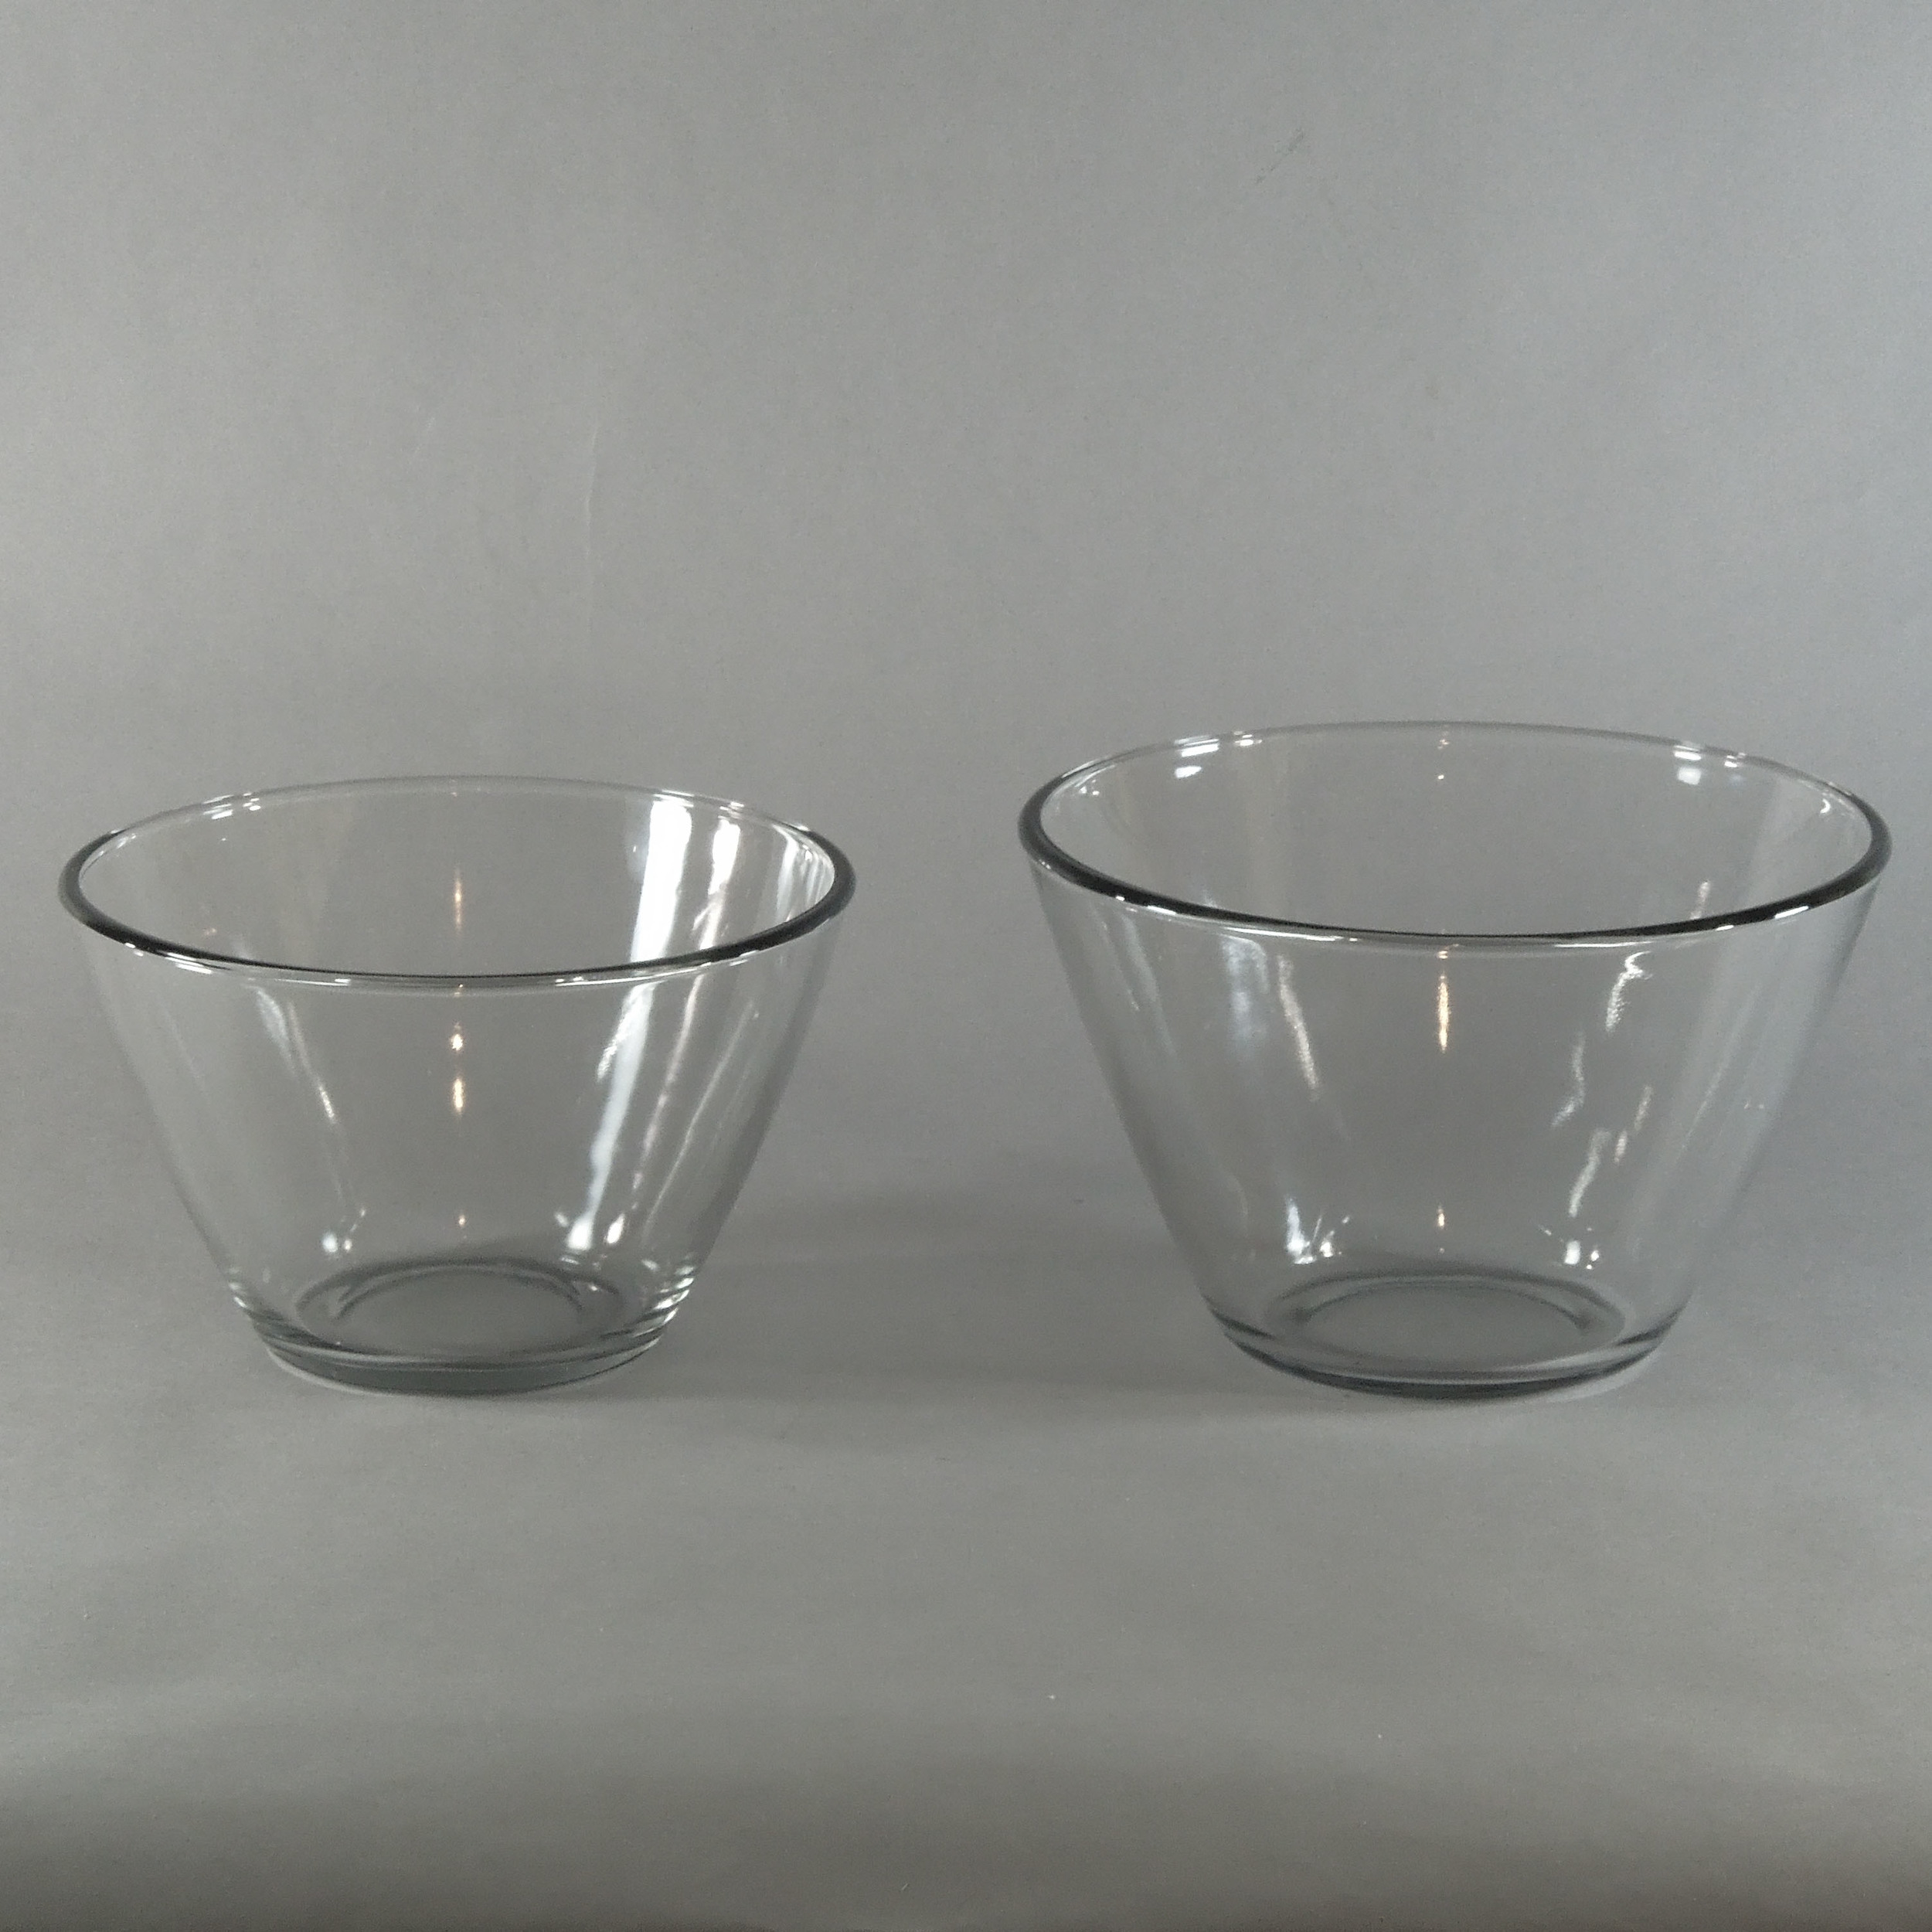 3 & 4 Quart Serving Bowls